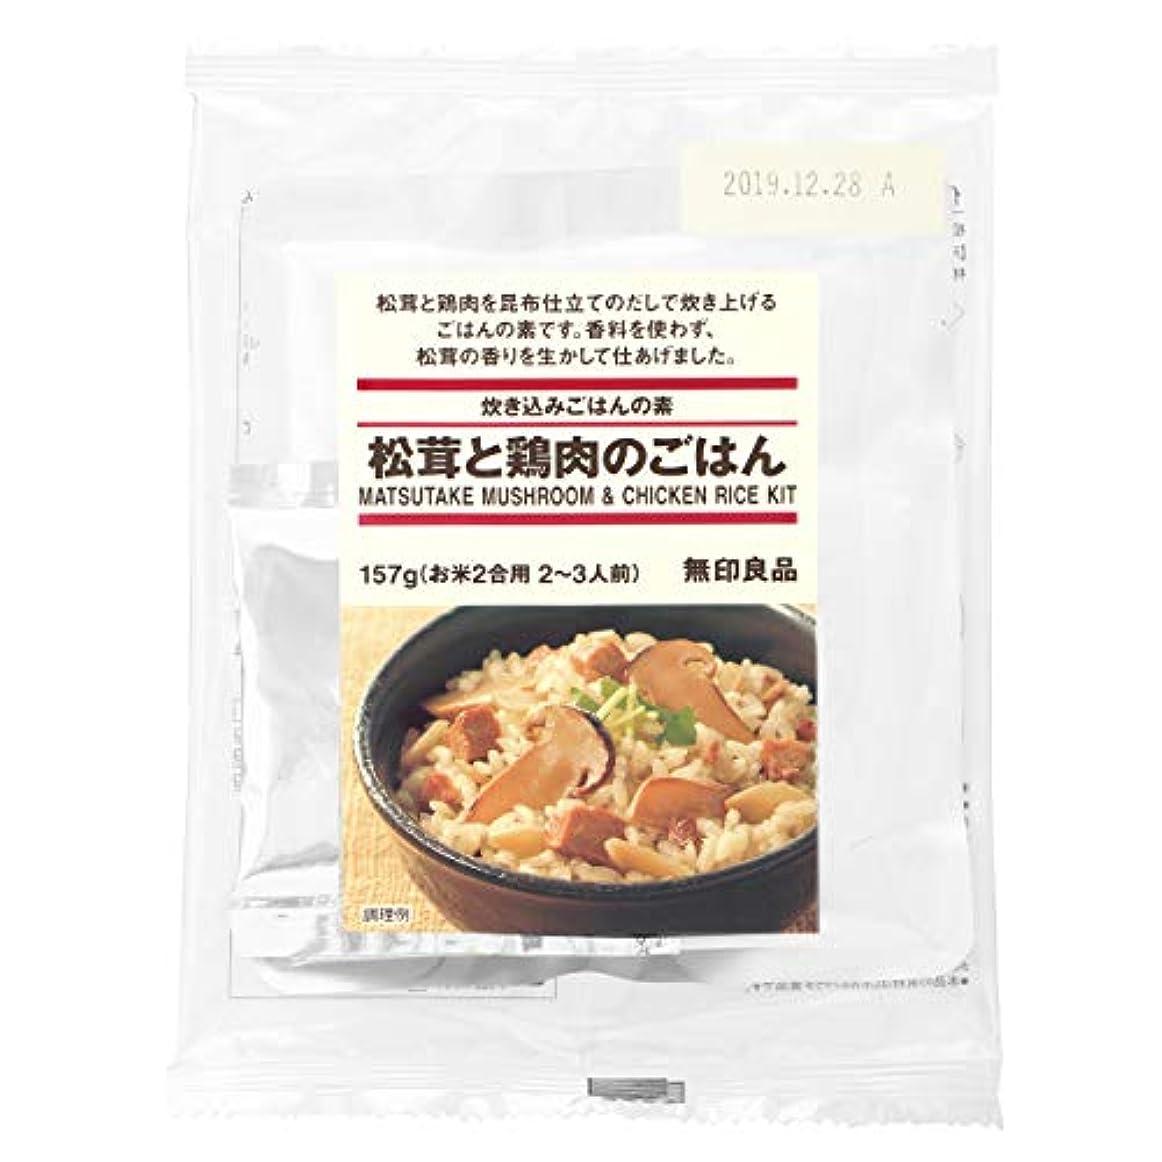 深さ細菌手順無印良品 炊き込みごはんの素 松茸と鶏肉のごはん 157g(お米2合用2~3人前)